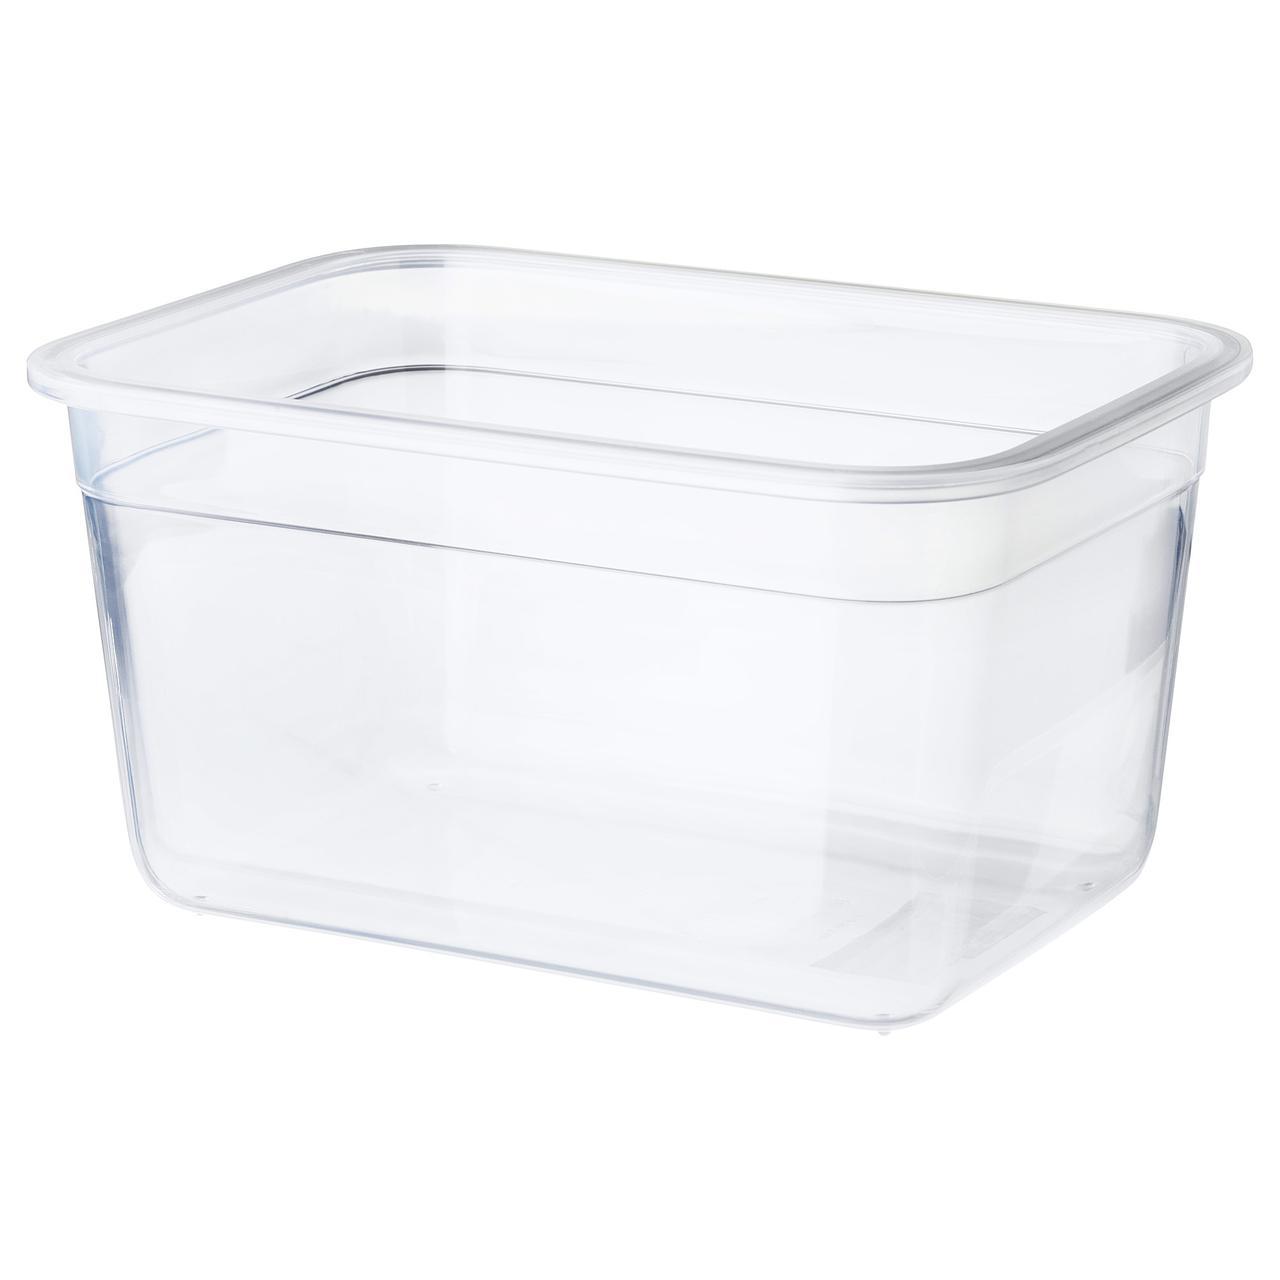 """IKEA """"ИКЕА/365+"""" Контейнер для продуктов, прямоугольн формы, пластик, 2 л"""